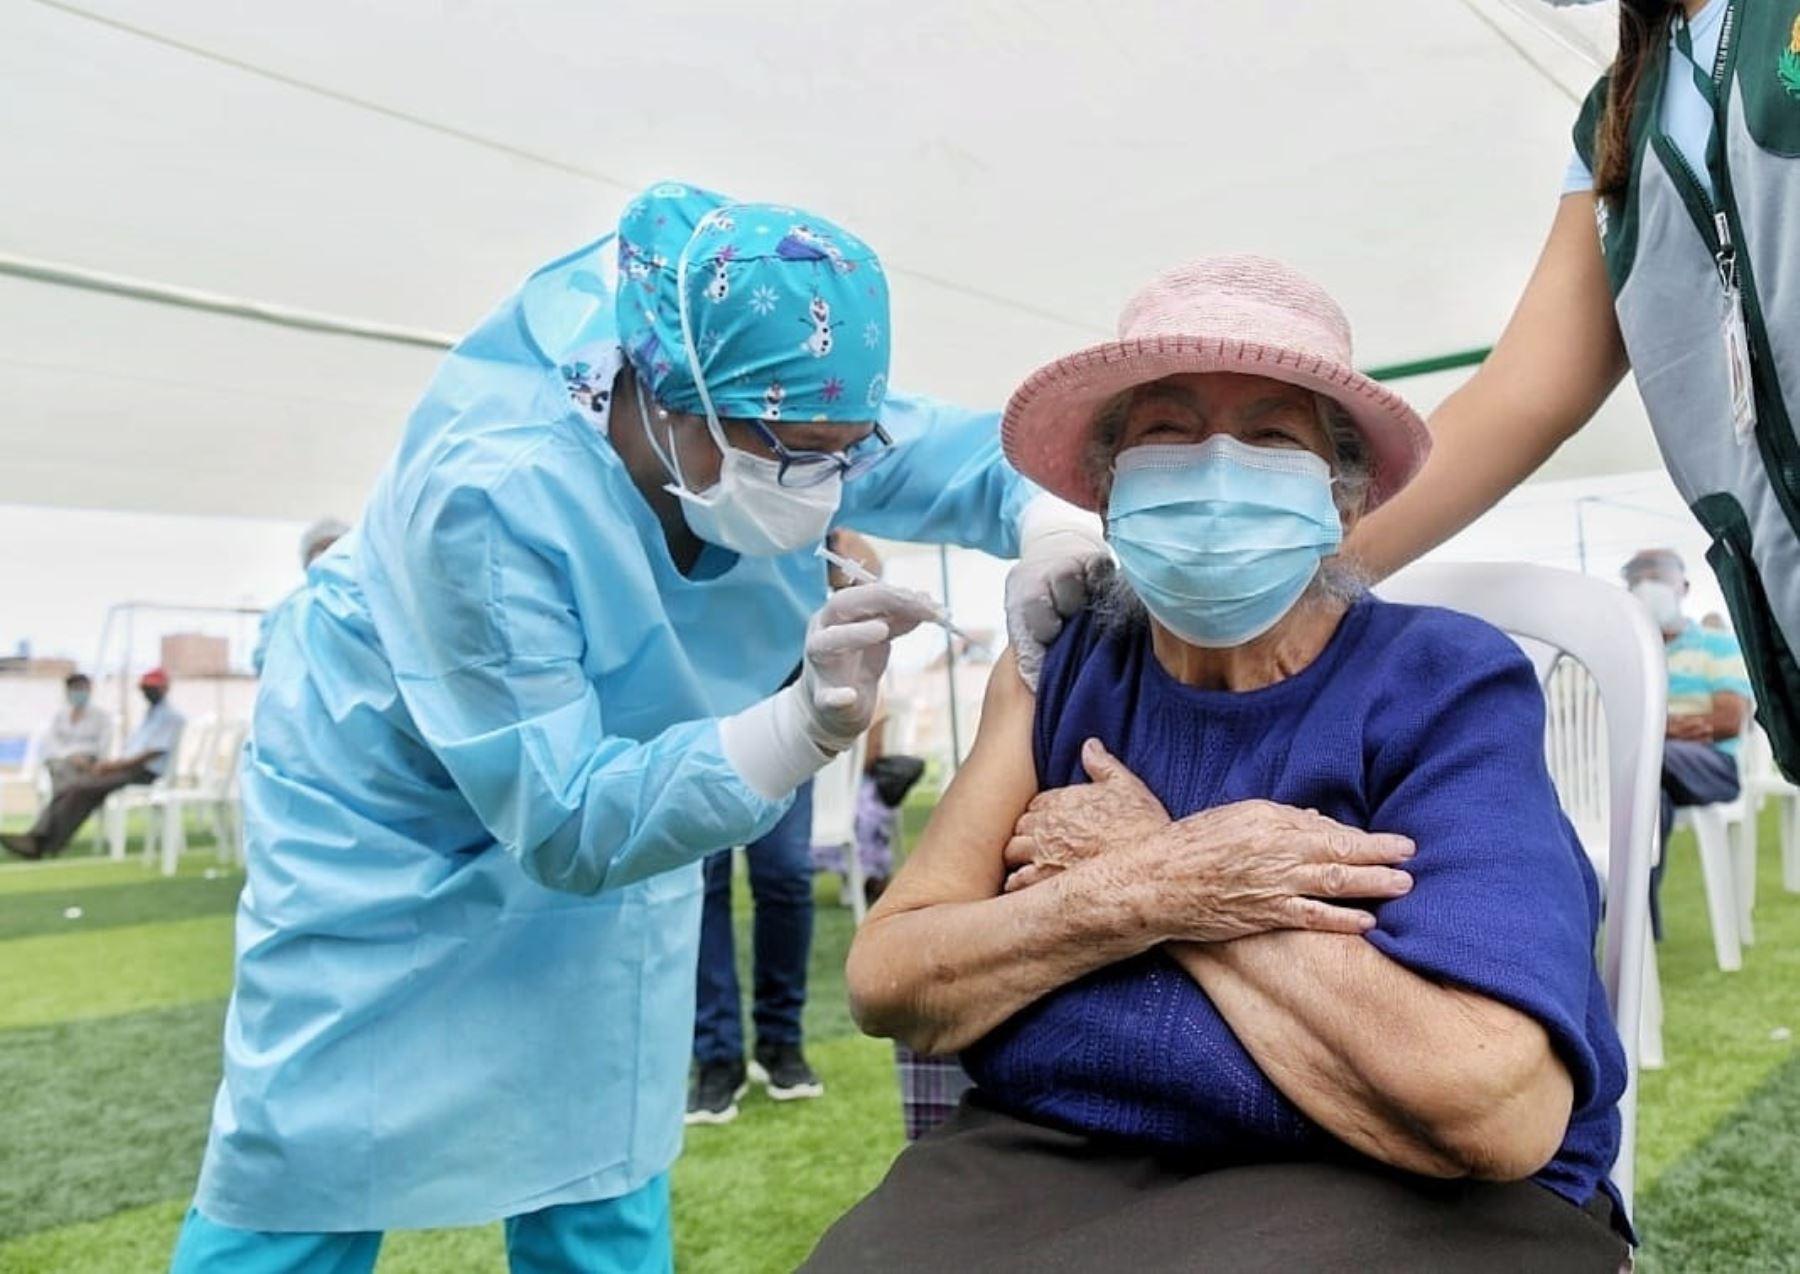 Adultos mayores de la provincia de Trujillo reciben la segunda dosis de la vacuna Pfizer contra el covid-19, informó el Gobierno Regional de La Libertad. Foto: ANDINA/difusión.